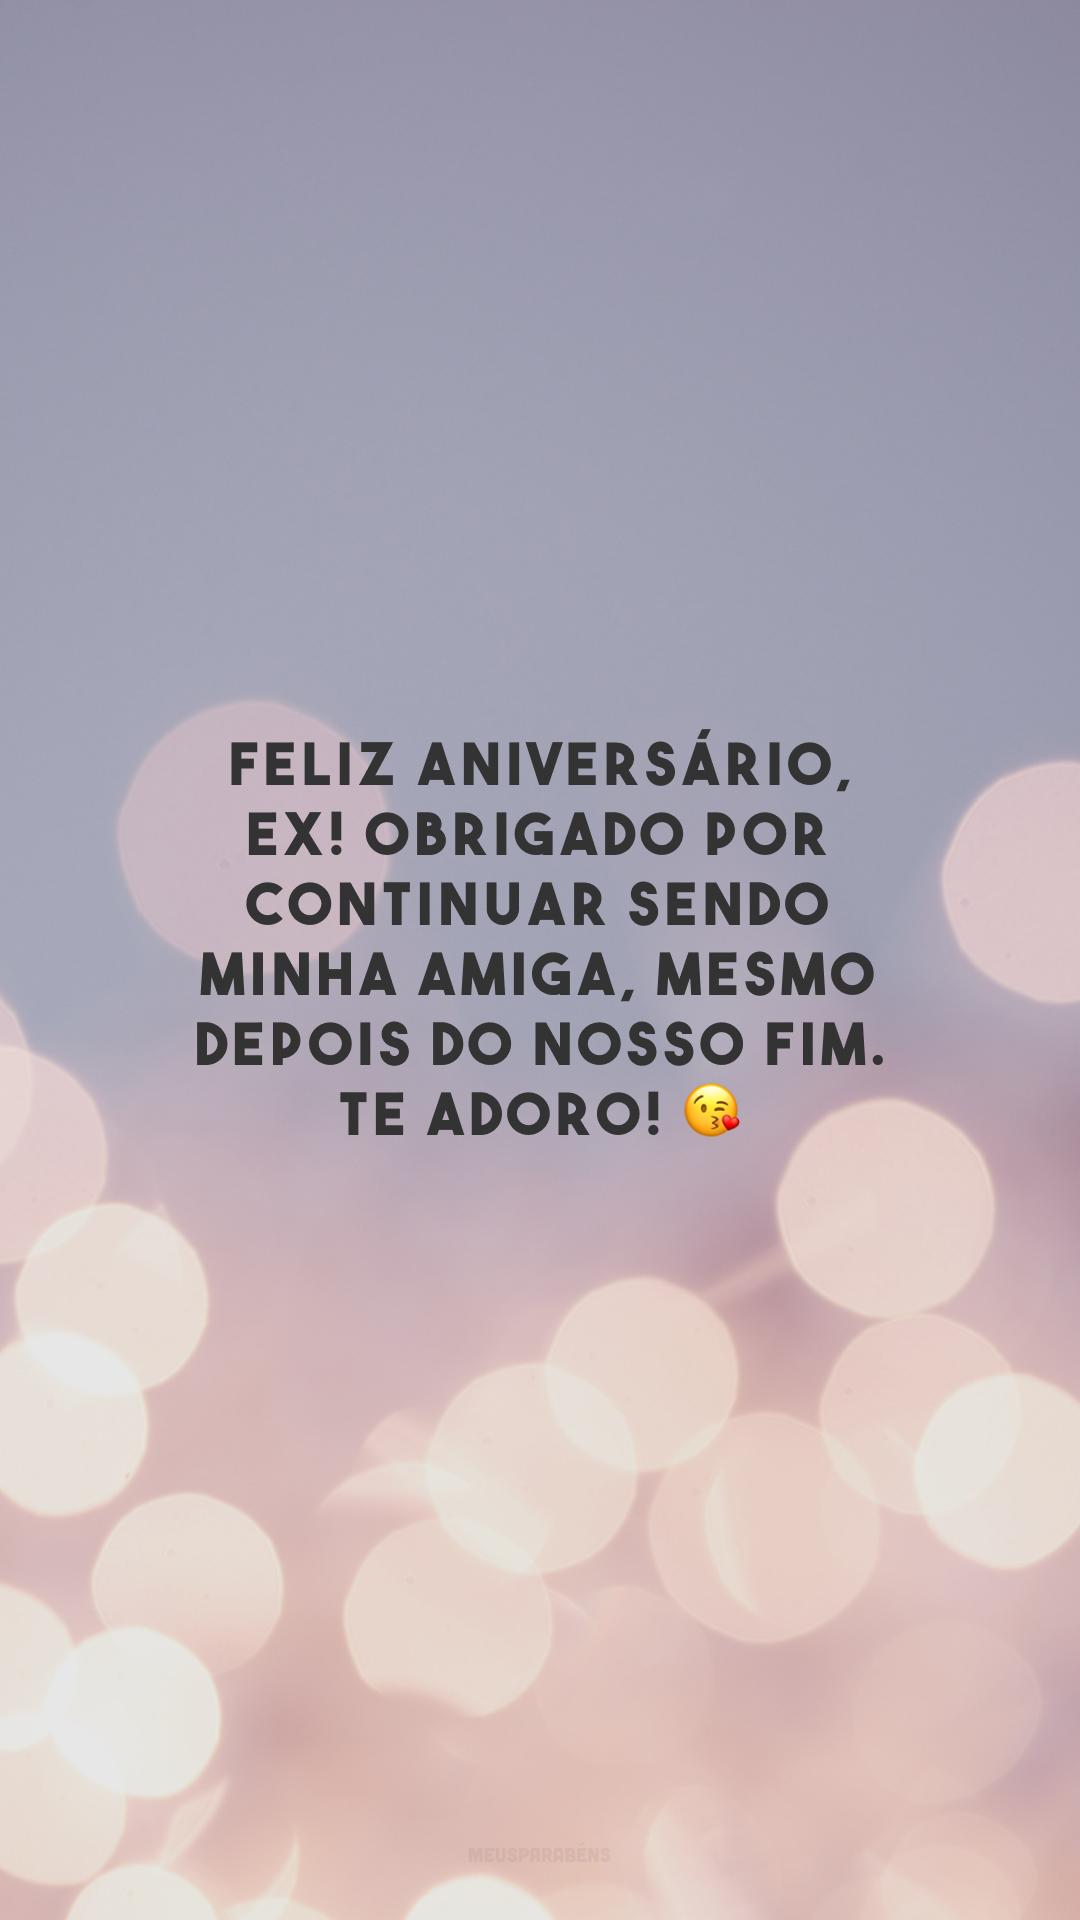 Feliz aniversário, ex! Obrigado por continuar sendo minha amiga, mesmo depois do nosso fim. Te adoro! 😘